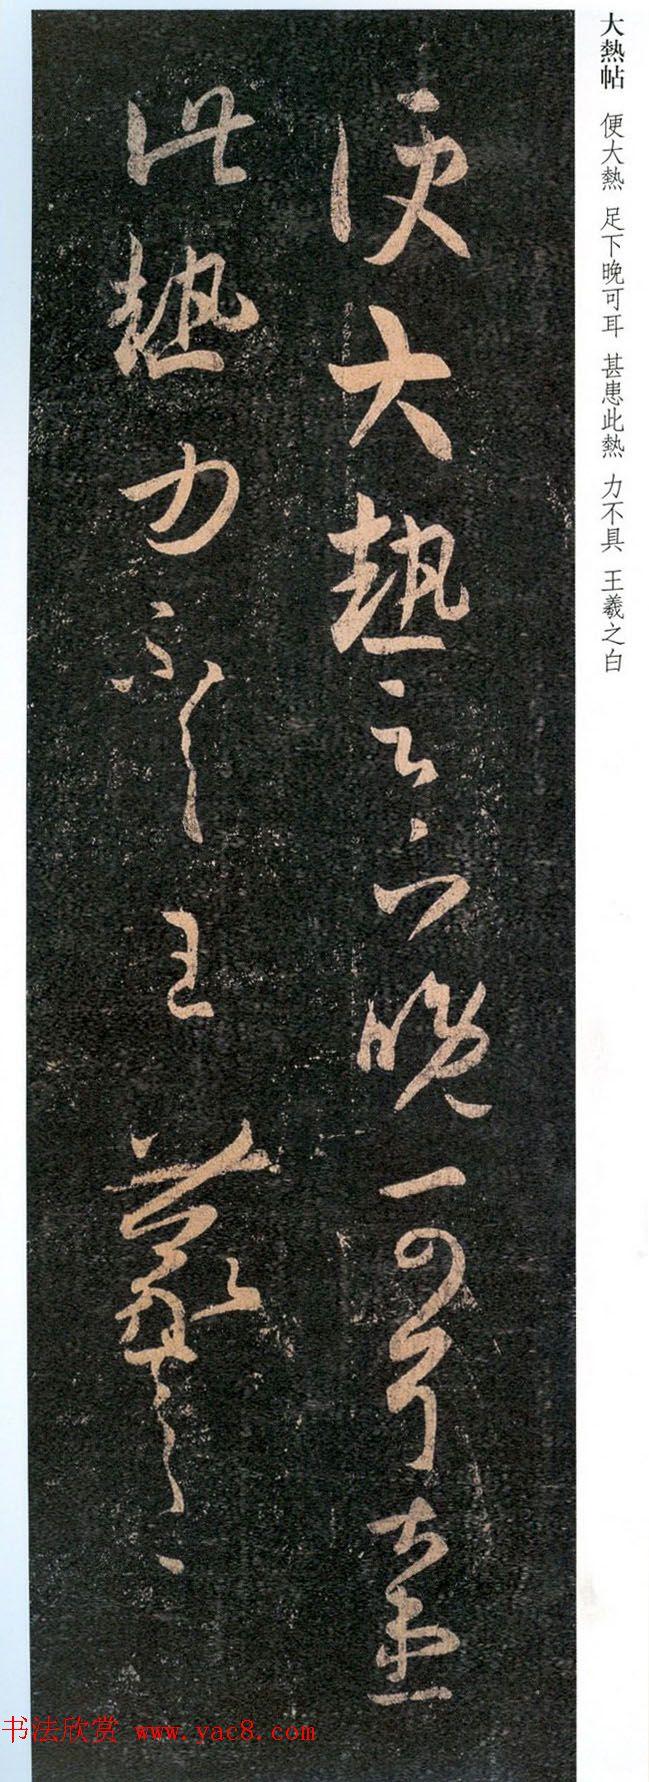 王羲之草书欣赏《大热帖》六种